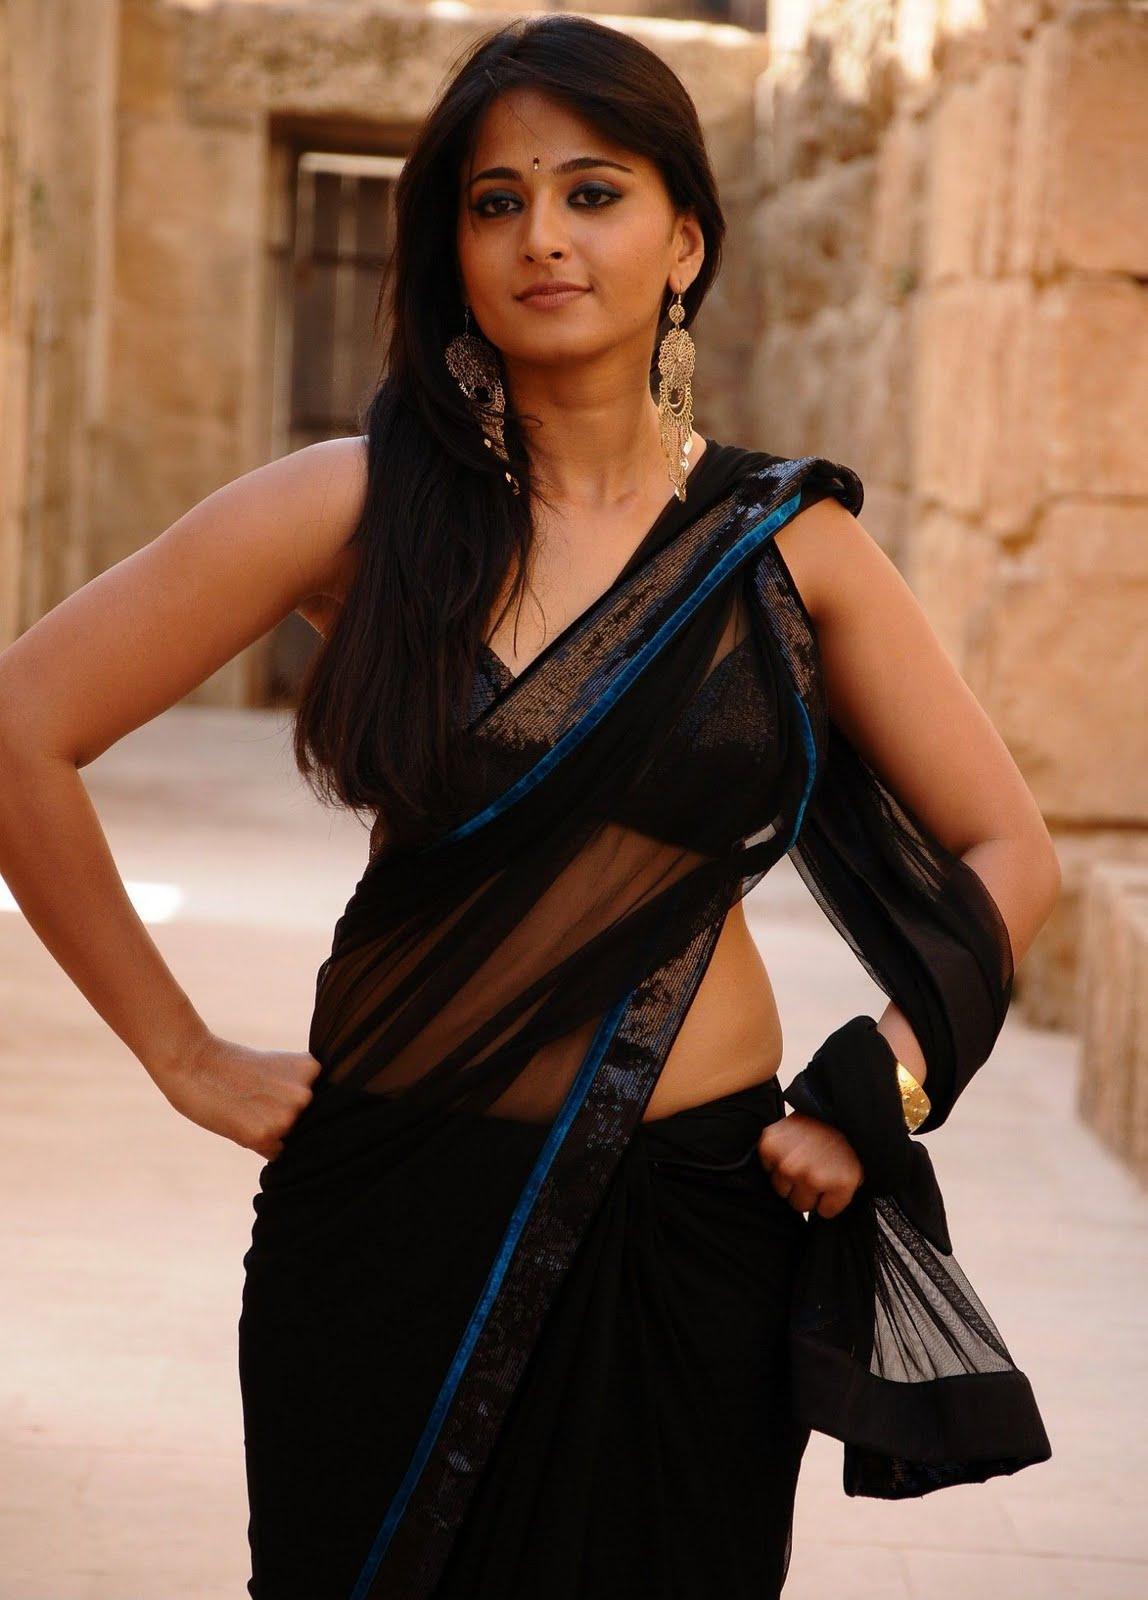 Anushka Shetty Glamorous Stills | Most beautiful indian